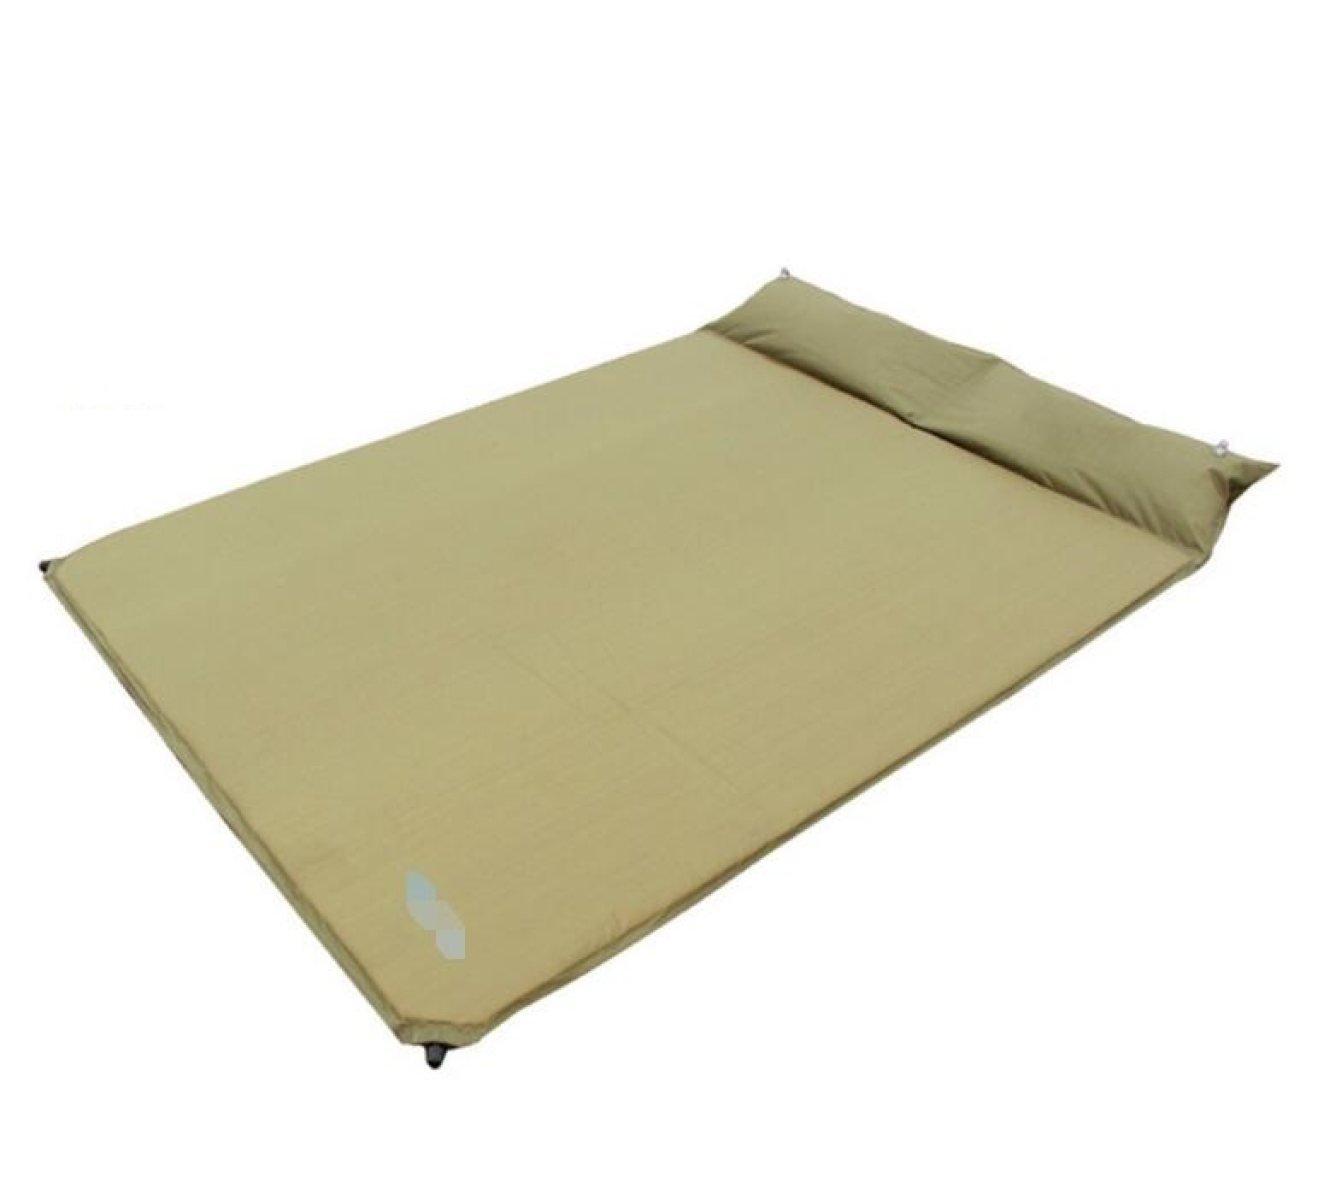 Doppelte Automatische Aufblasbare Pad Kissen Outdoor Zelt Schlafmatte Moisture Pad,A2